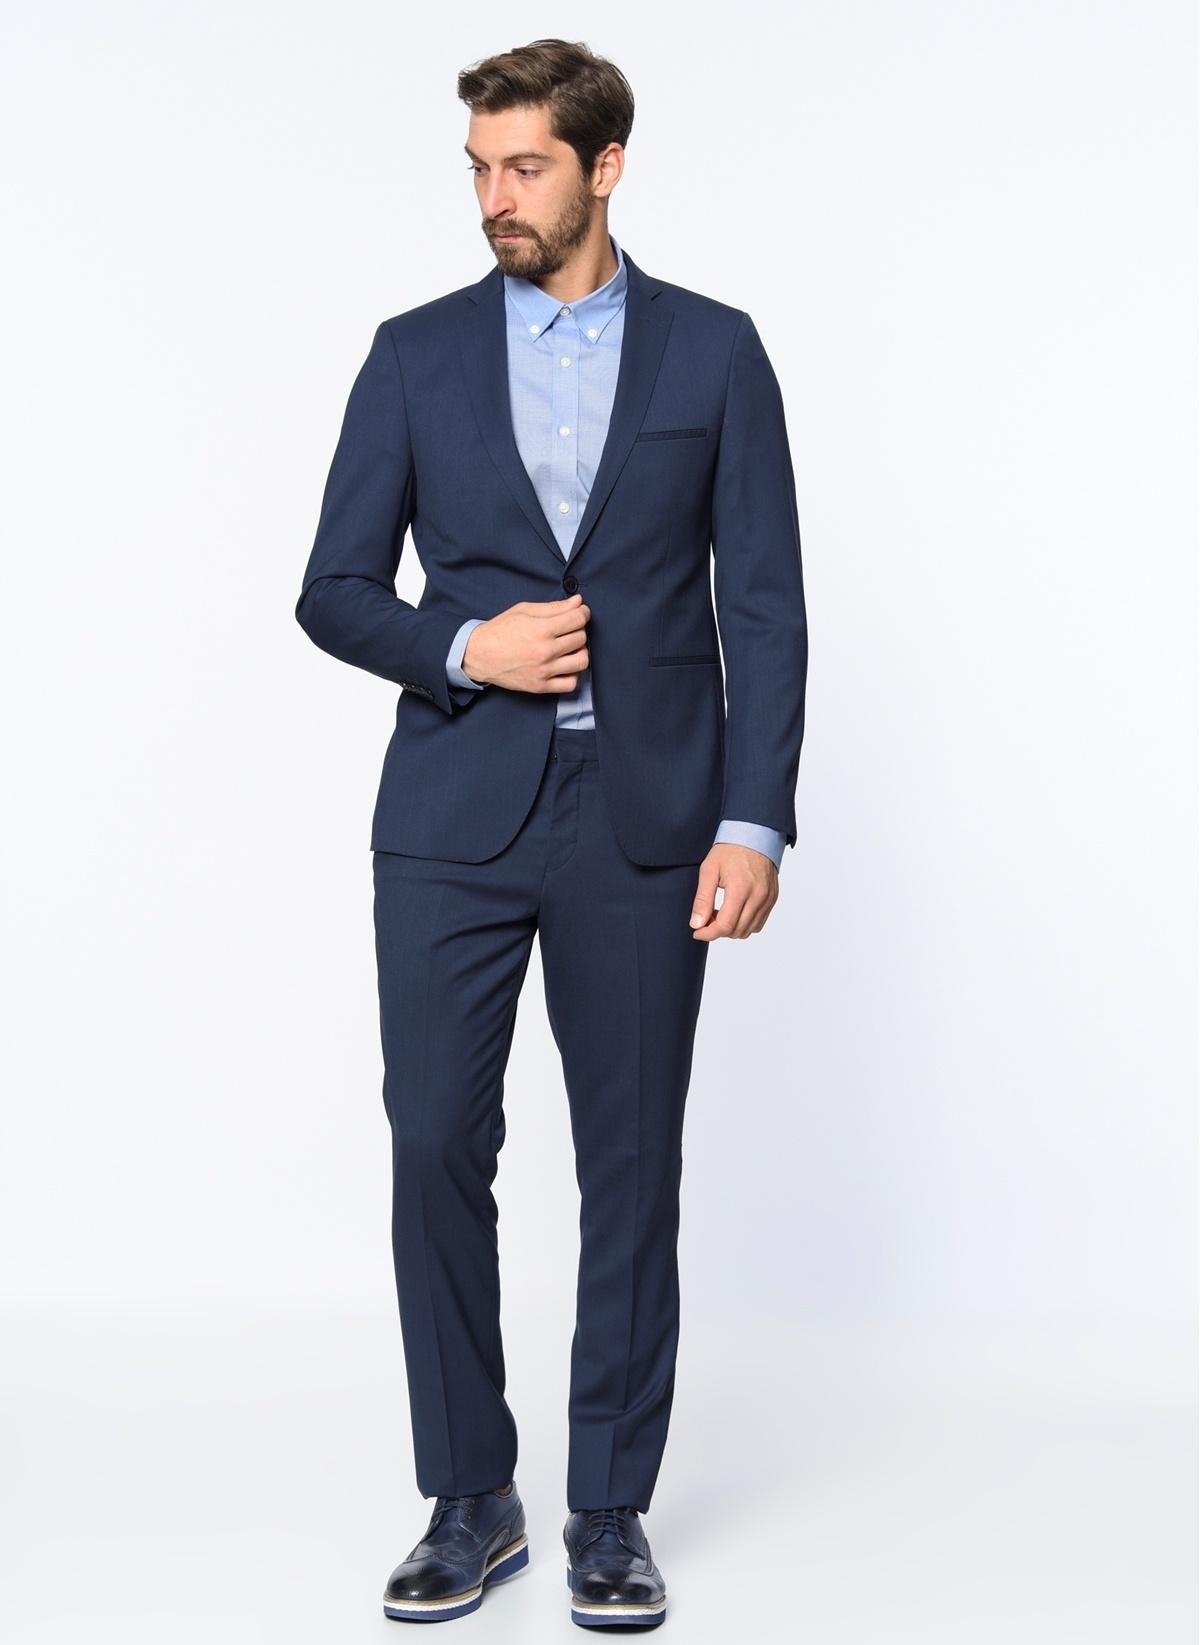 1e974fd5ea8d3 Beymen Business Erkek Takım Elbise Mavi | Kargo Bedava | İndirimli ...